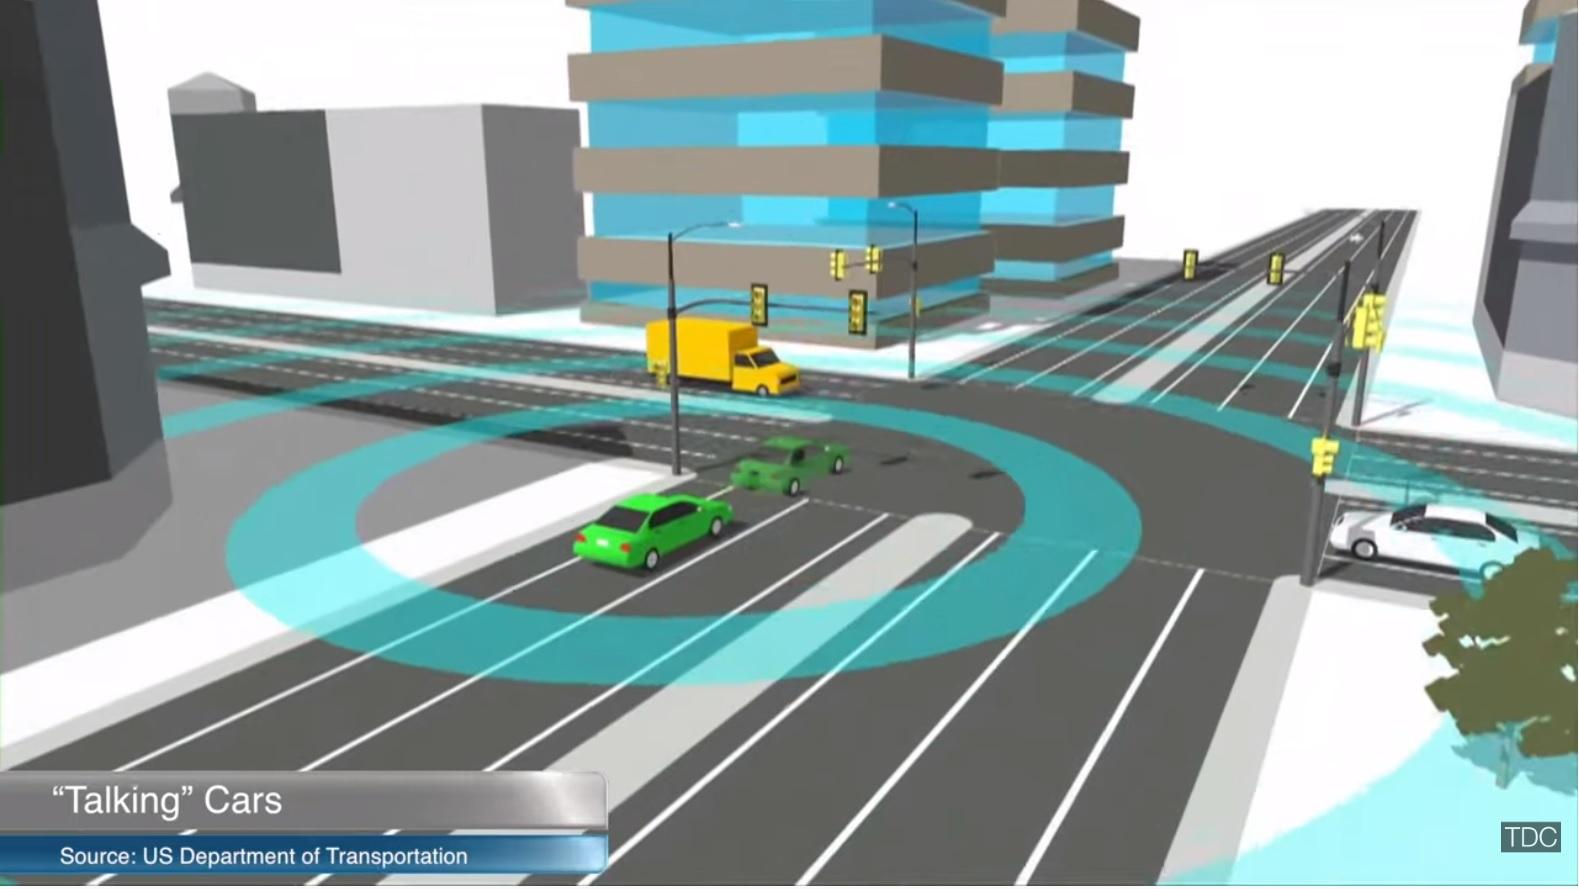 מכוניות משוחחות ביניהן. מקור: משרד התחבורה האמריקני